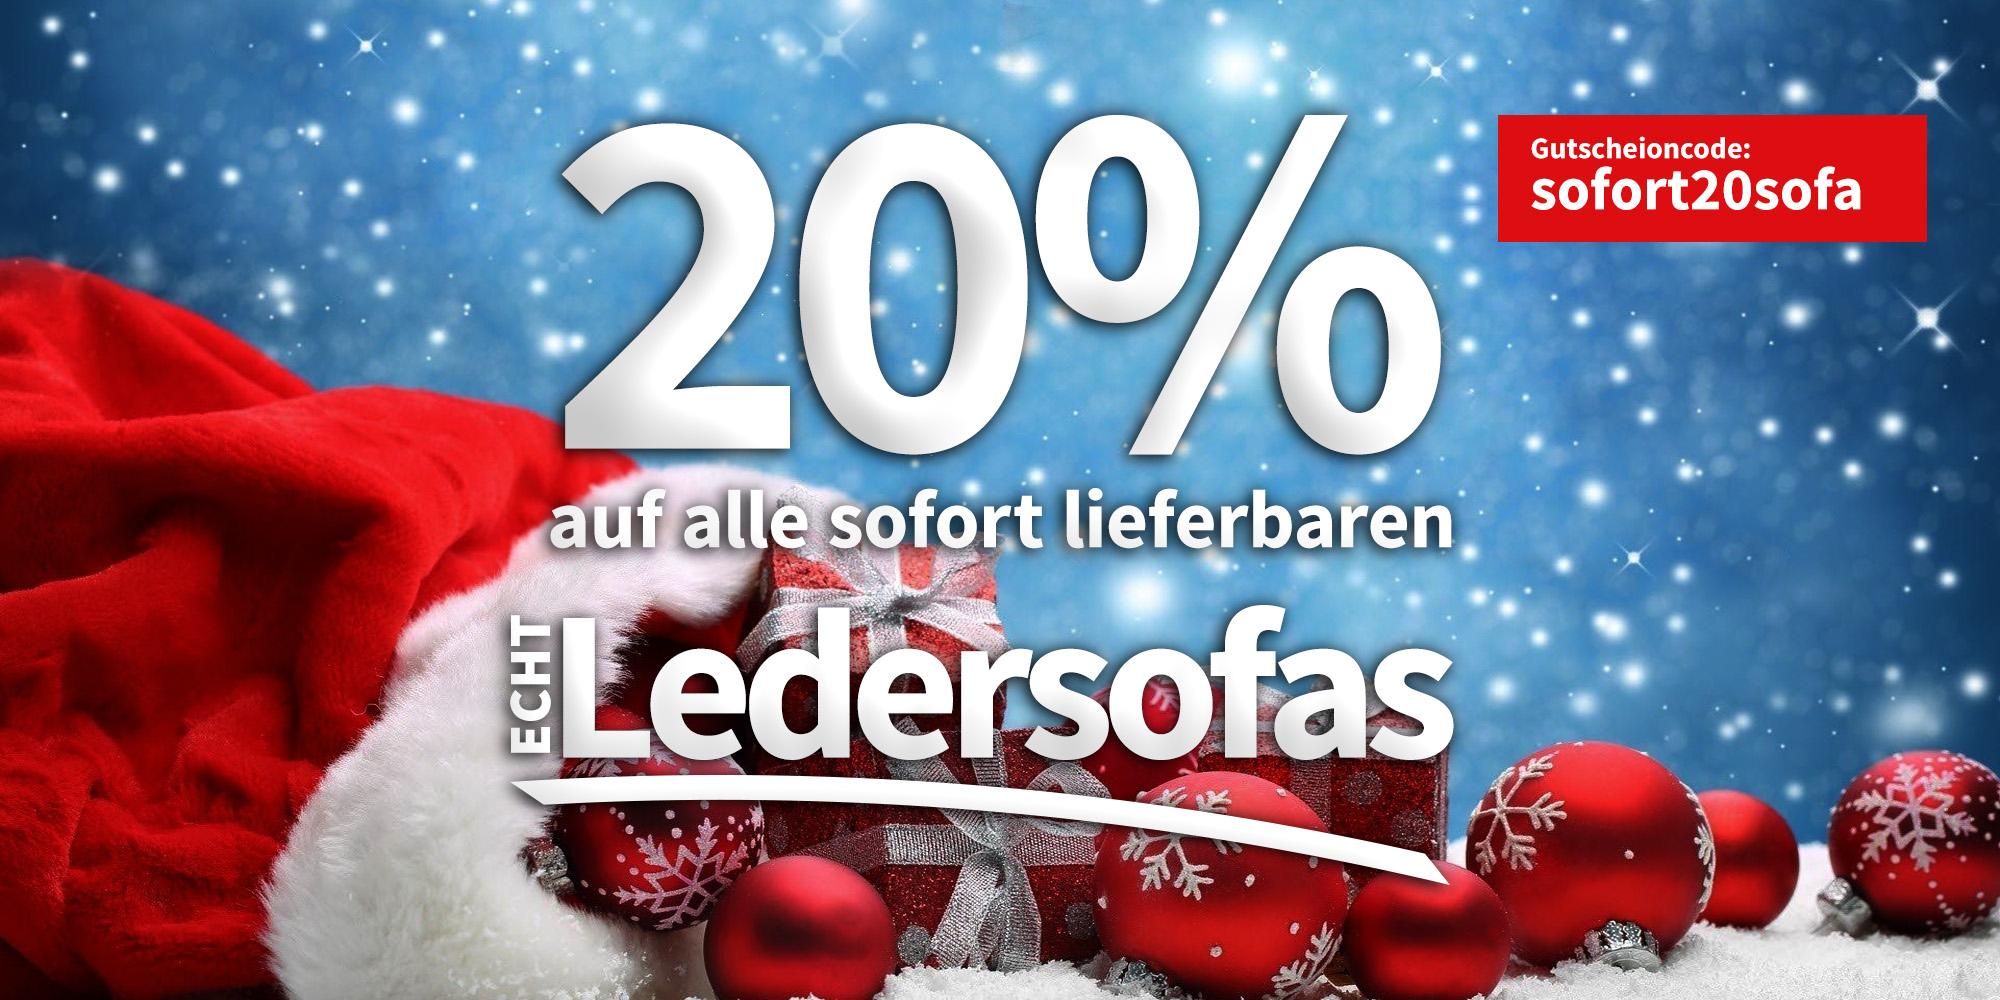 20% Gutschein auf alle Echtleder Sofas bei Moebella24